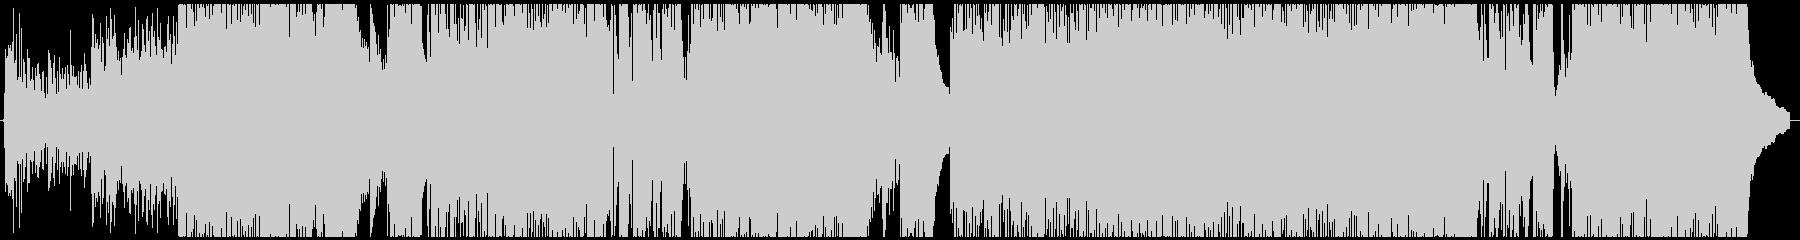 【メロ抜き】エモい四つ打ちポップの未再生の波形